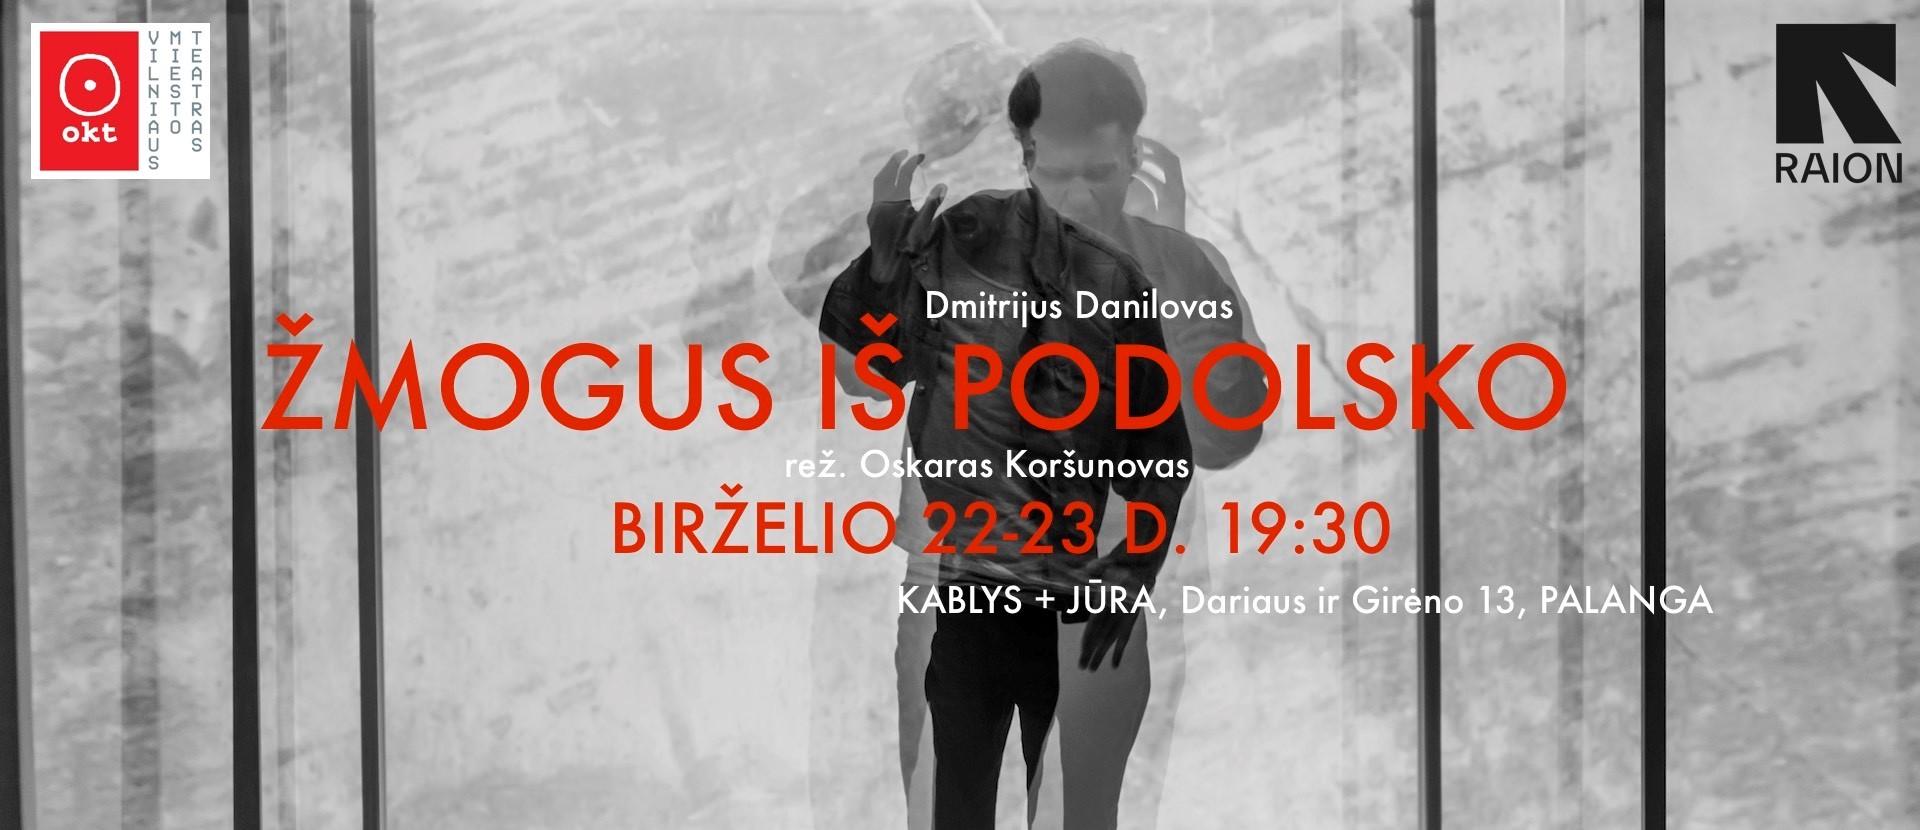 """OKT / Vilniaus miesto teatras, rež. Oskaras Koršunovas: """"Žmogus iš Podolsko"""" (įėjimas į renginį tik turint """"galimybių pasą"""")"""